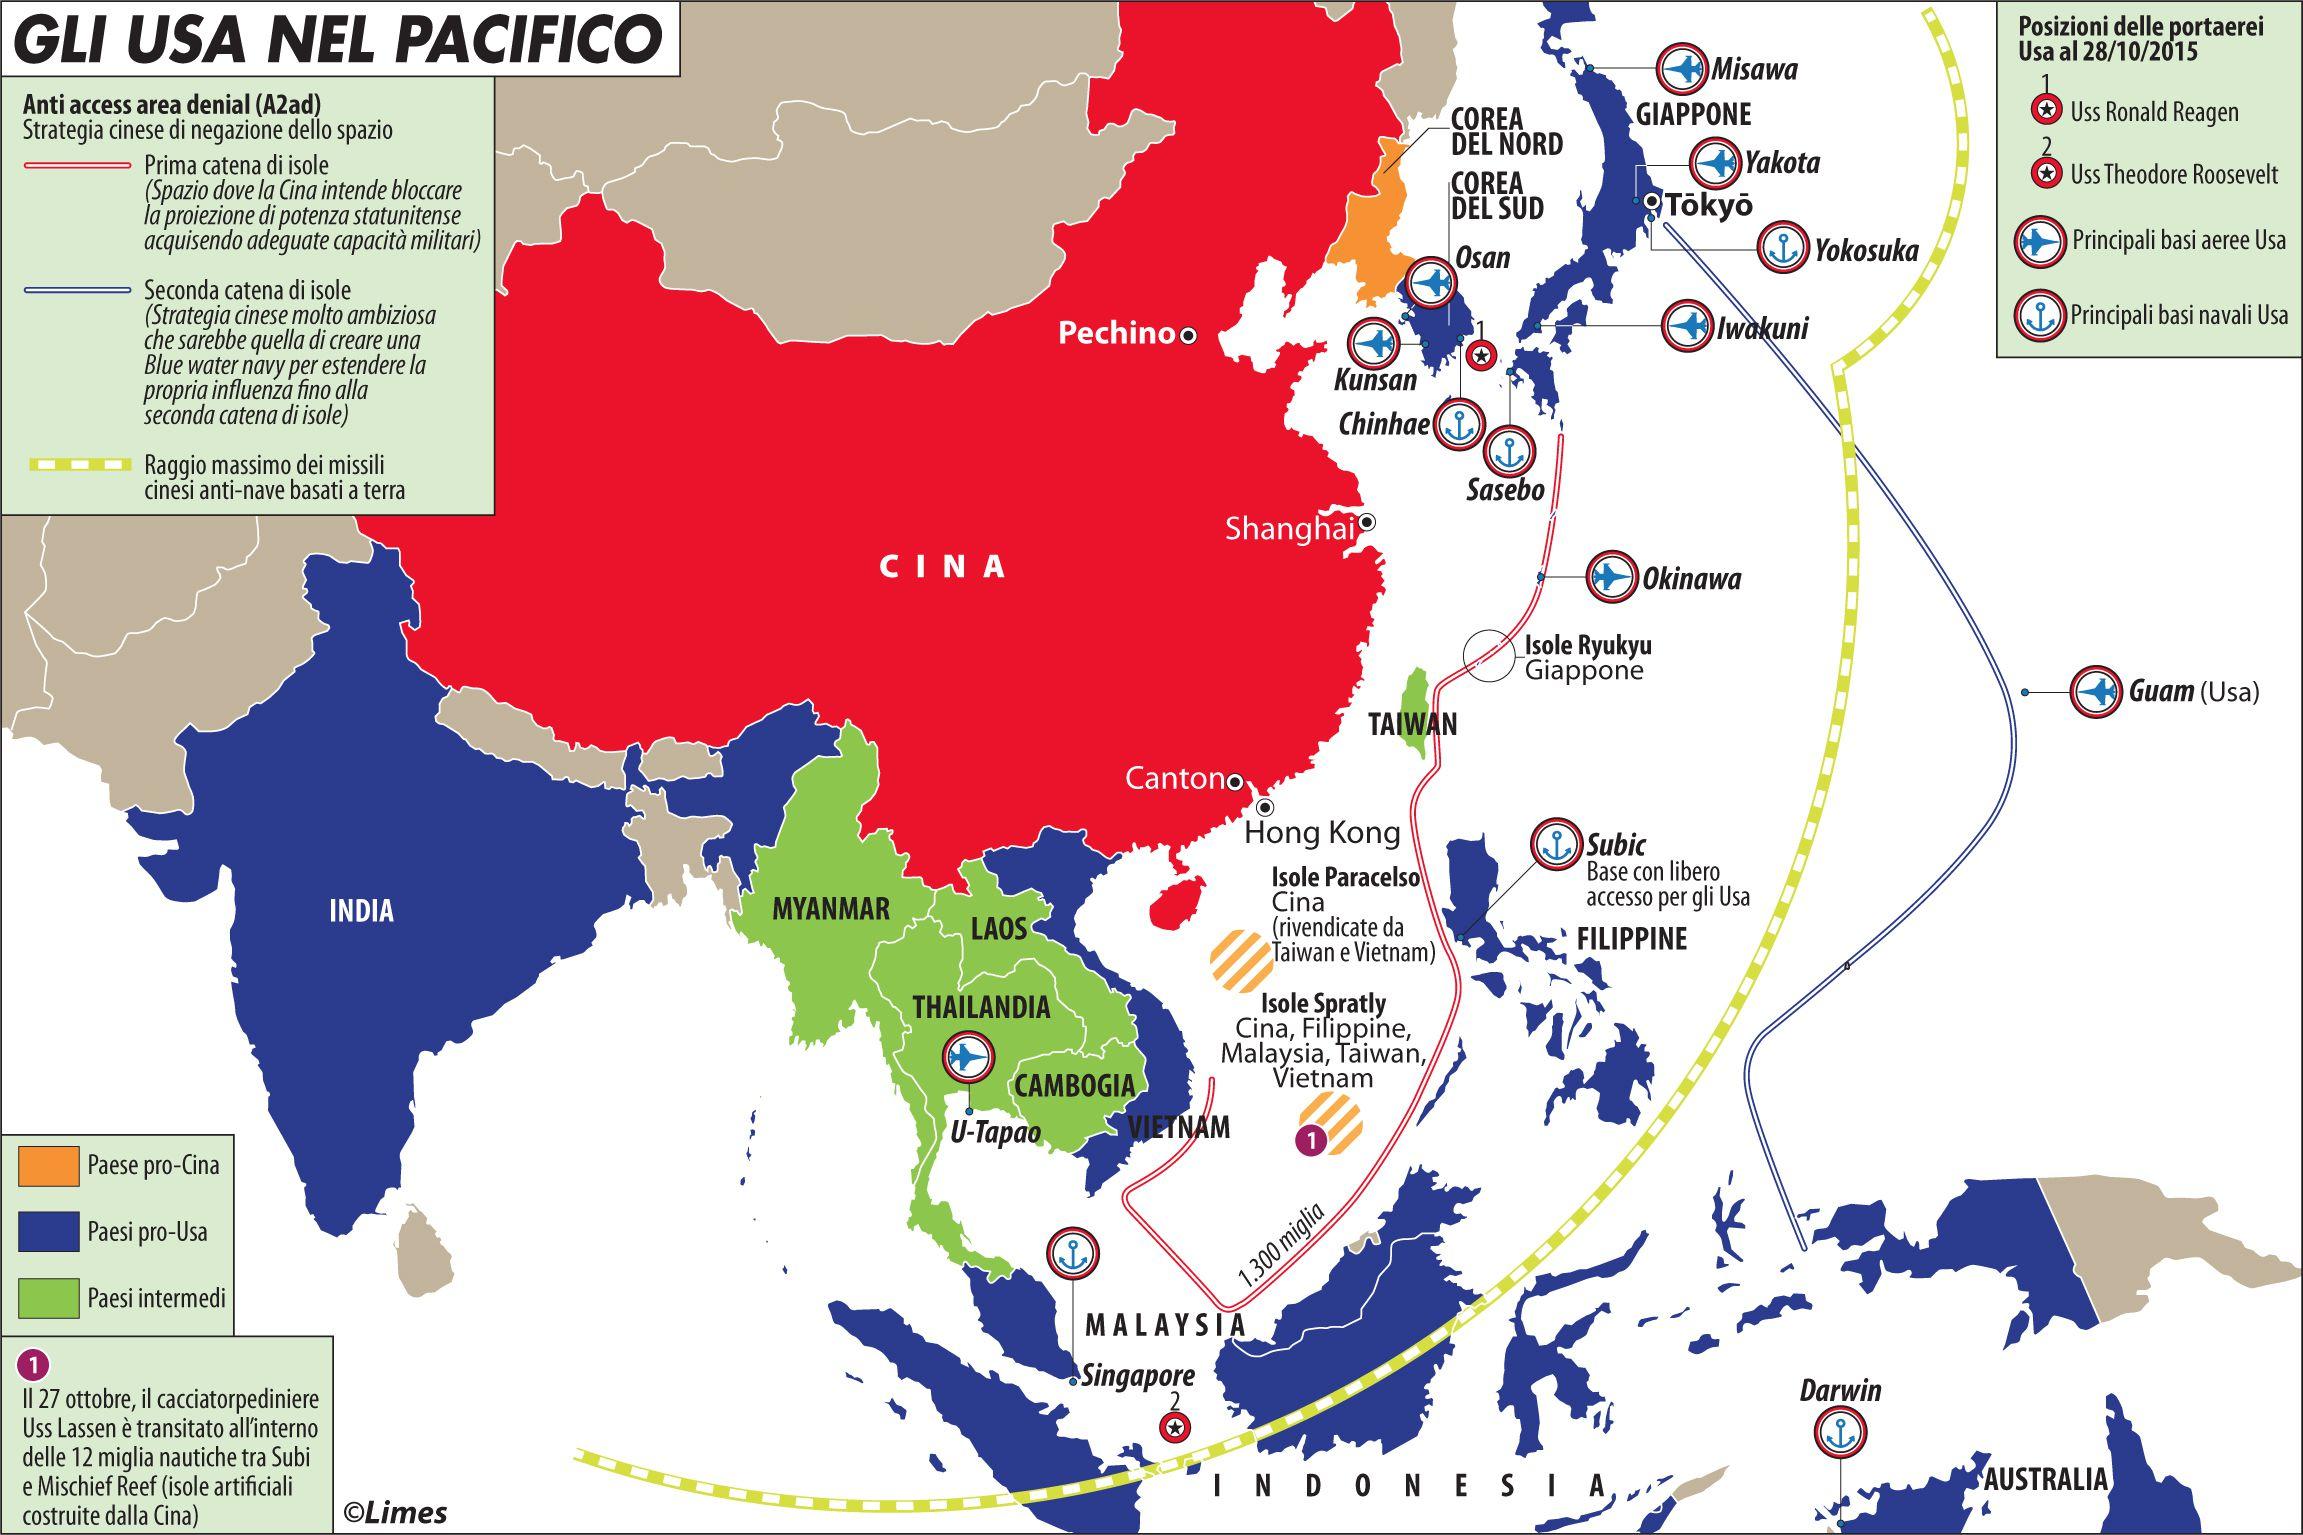 Mappa geopolitica